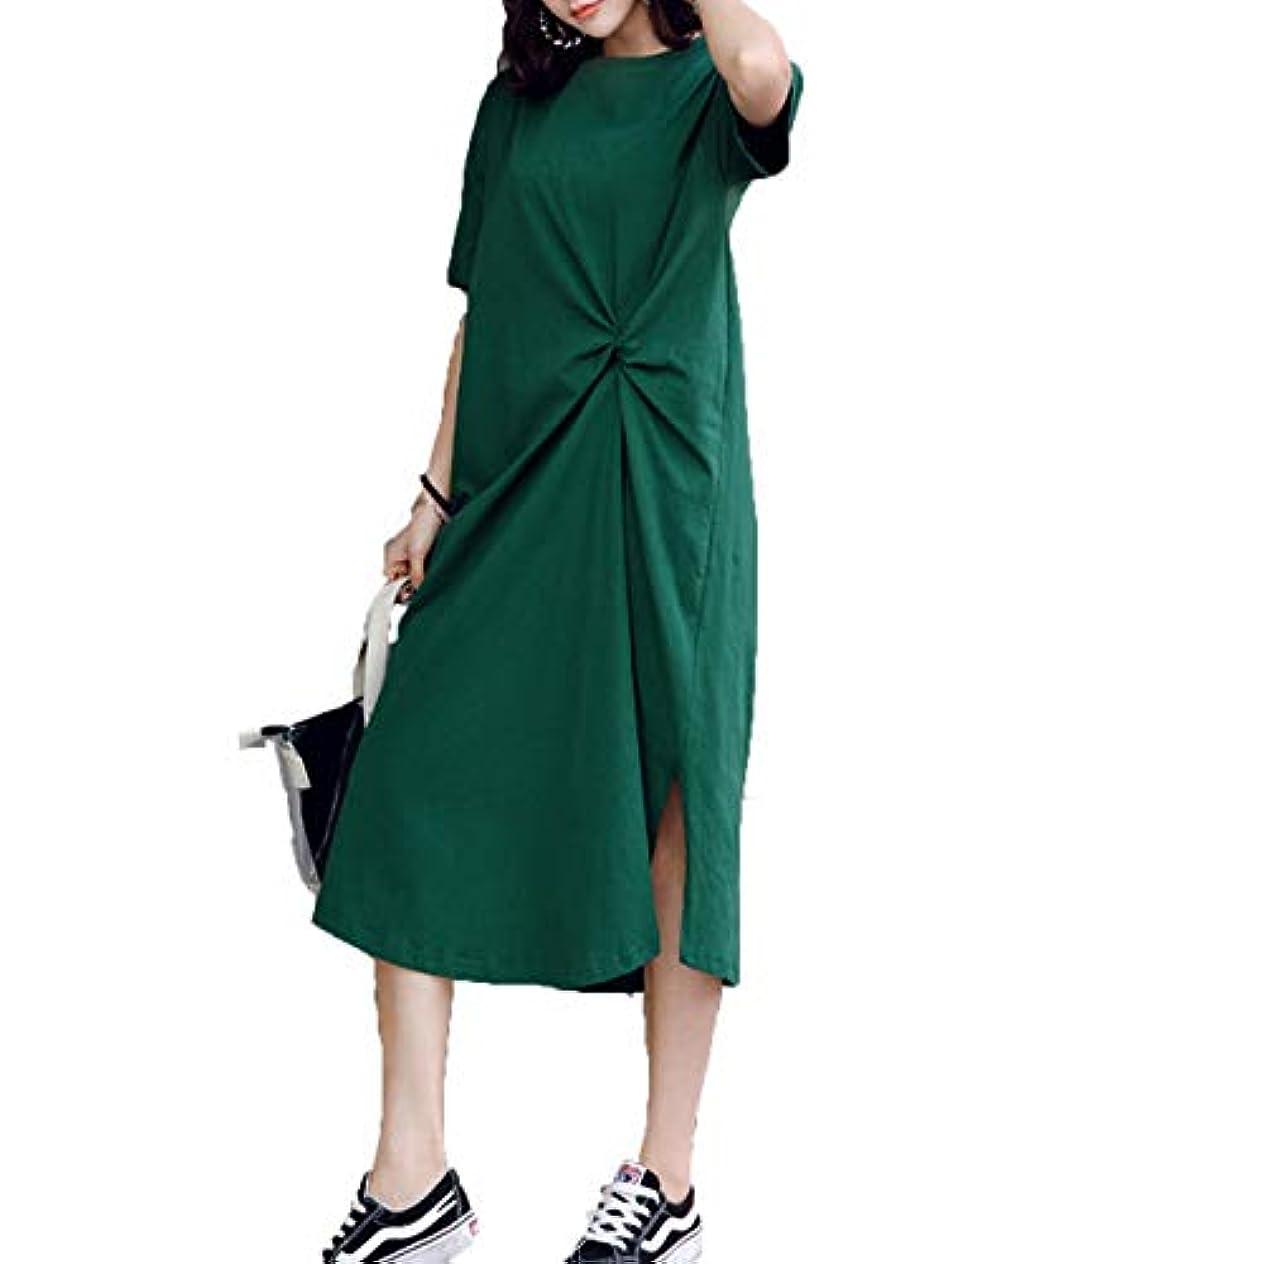 ブレーク公平な代理店[ココチエ] ワンピース 半袖 ロング 大きいサイズ おおきいサイズ おしゃれ ゆったり 体型カバー